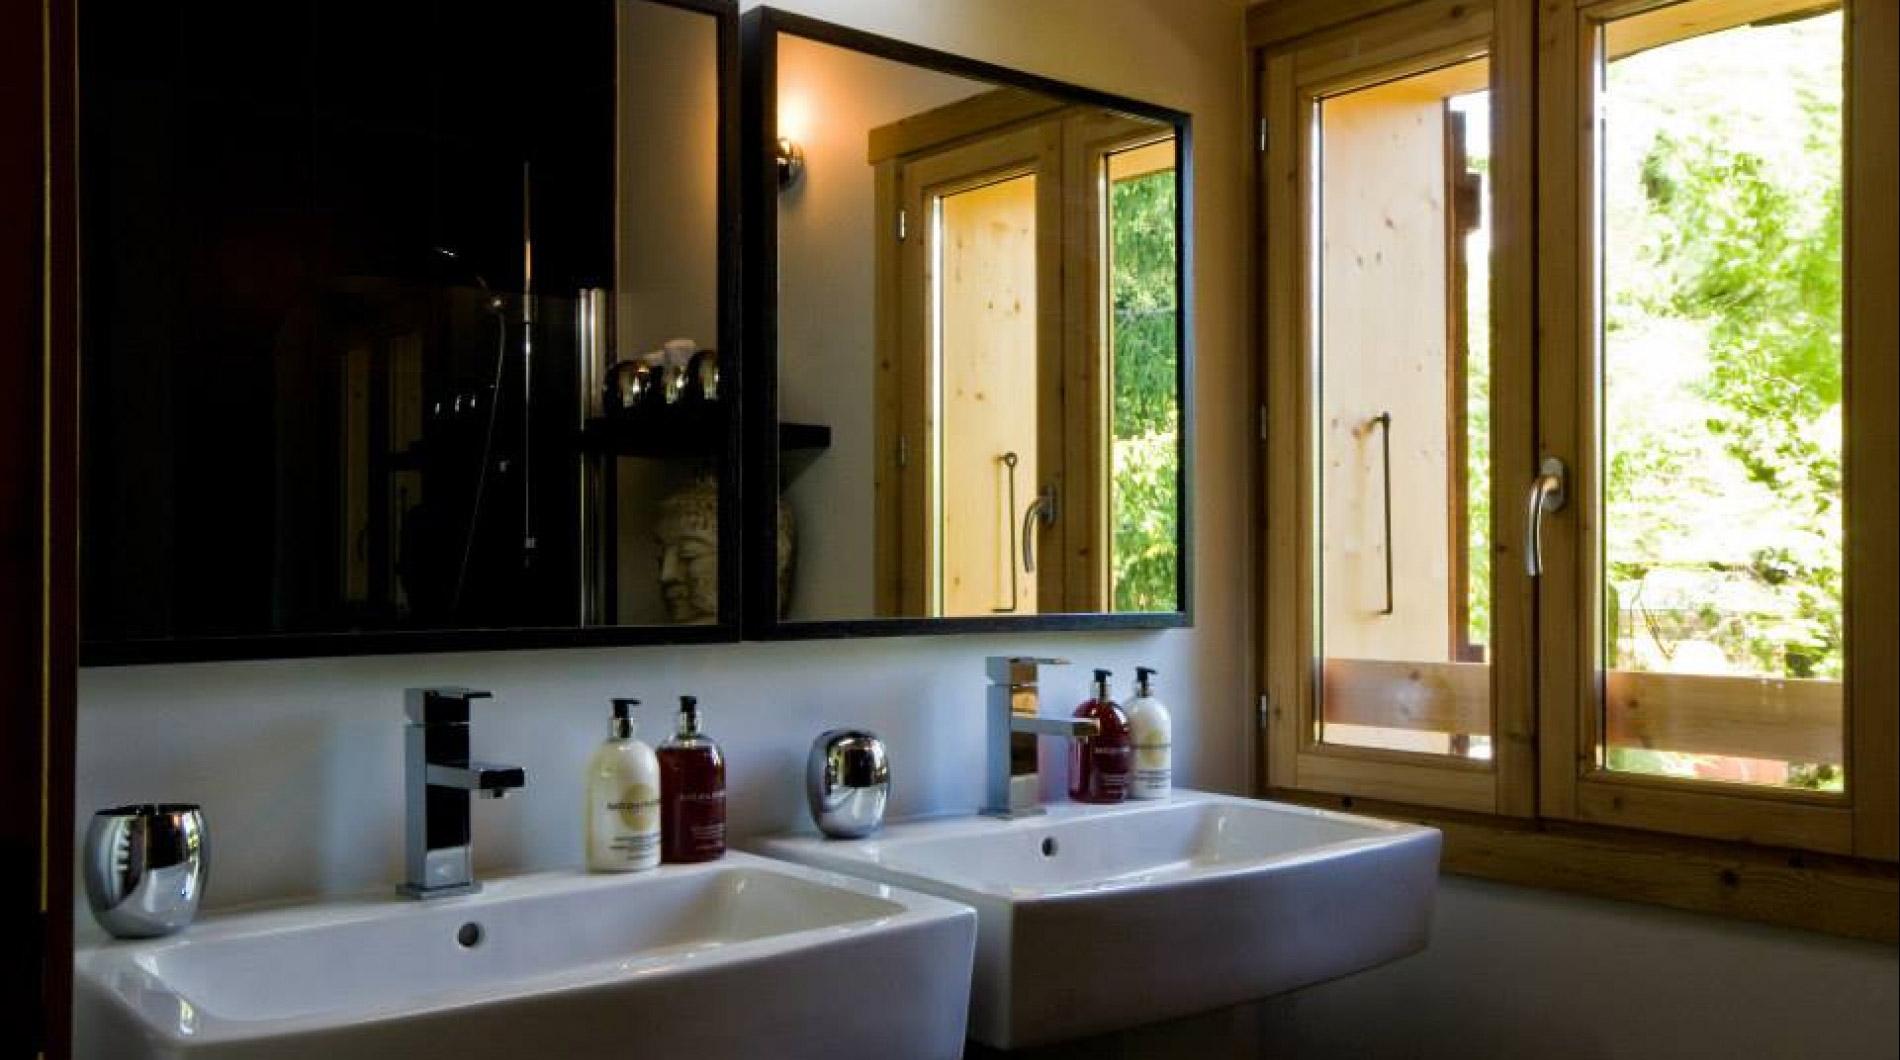 Jo Malone toiletries in our bathrooms during peak weeks